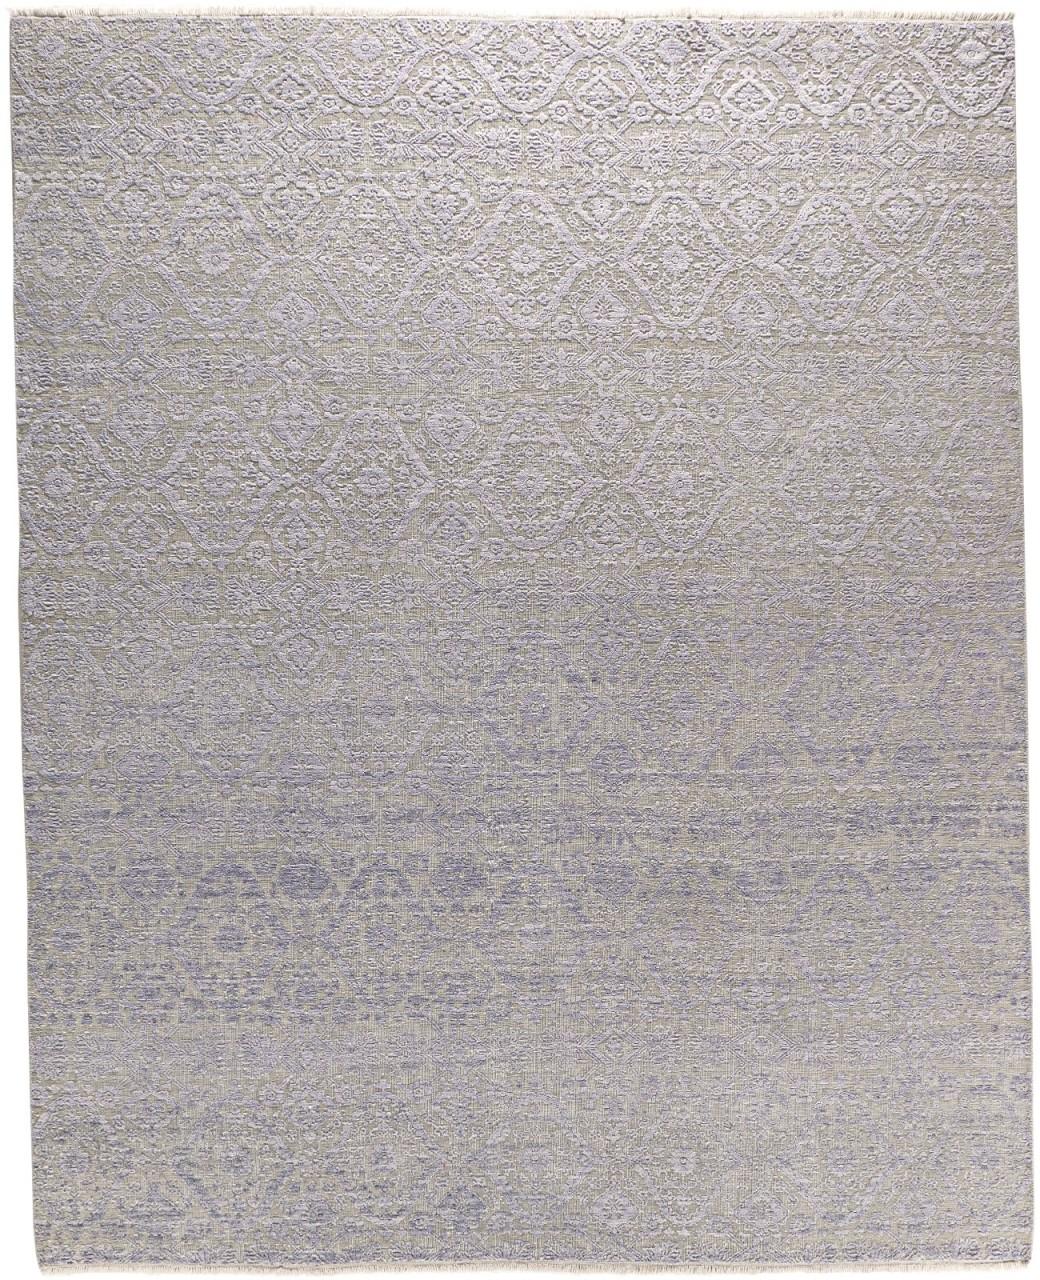 Vintage-Teppich Fliederlove